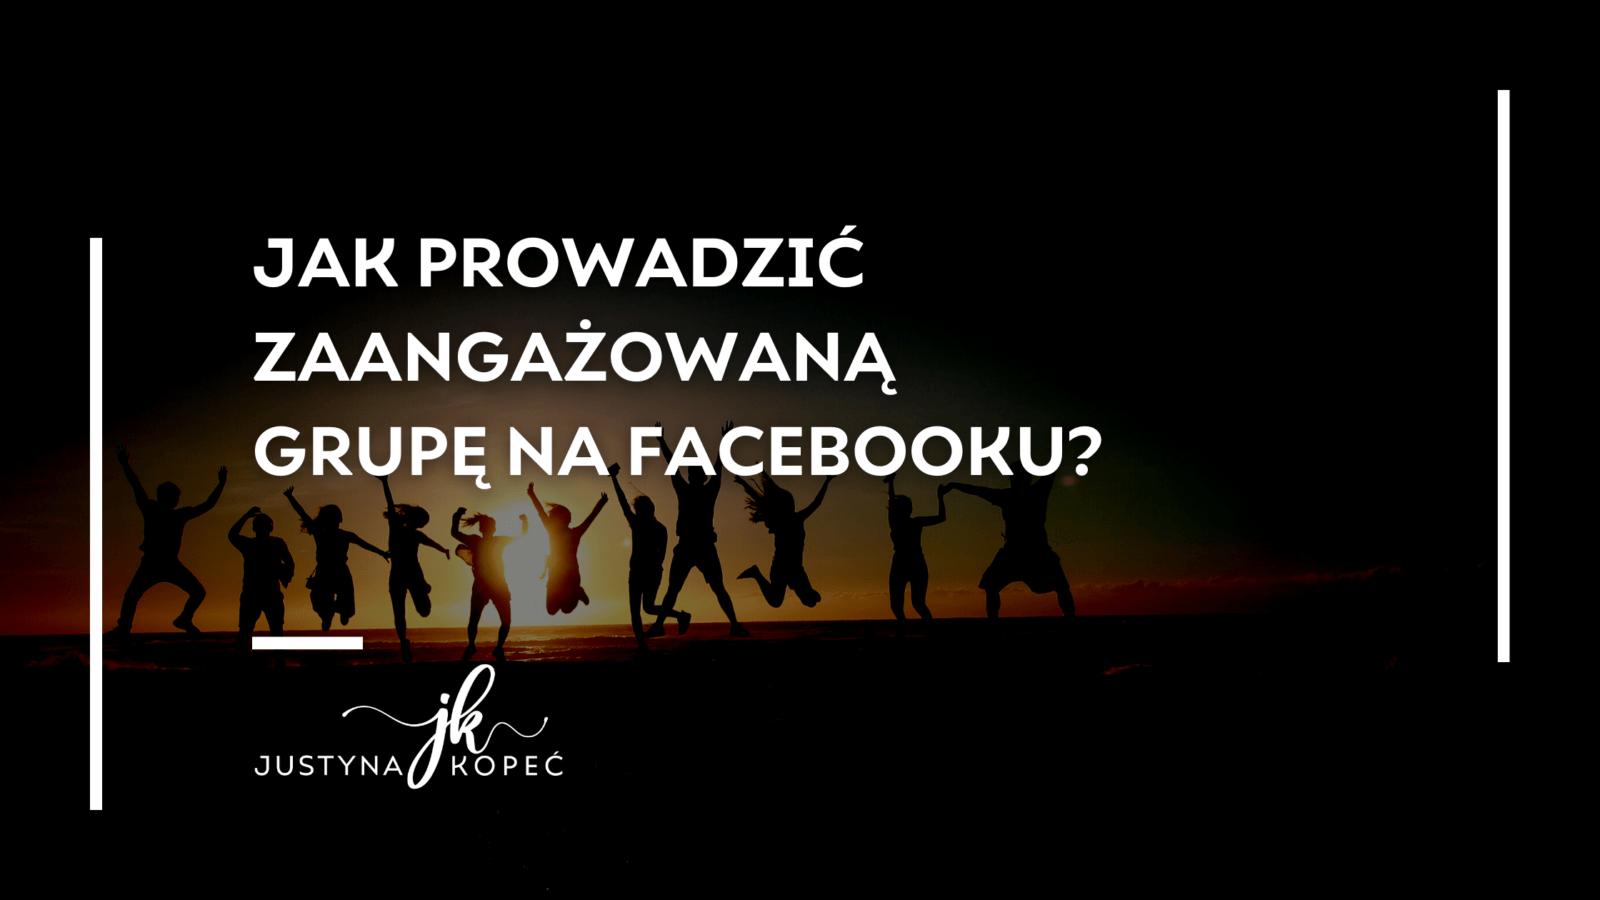 Jak prowadzić zaangażowaną grupę naFacebooku?